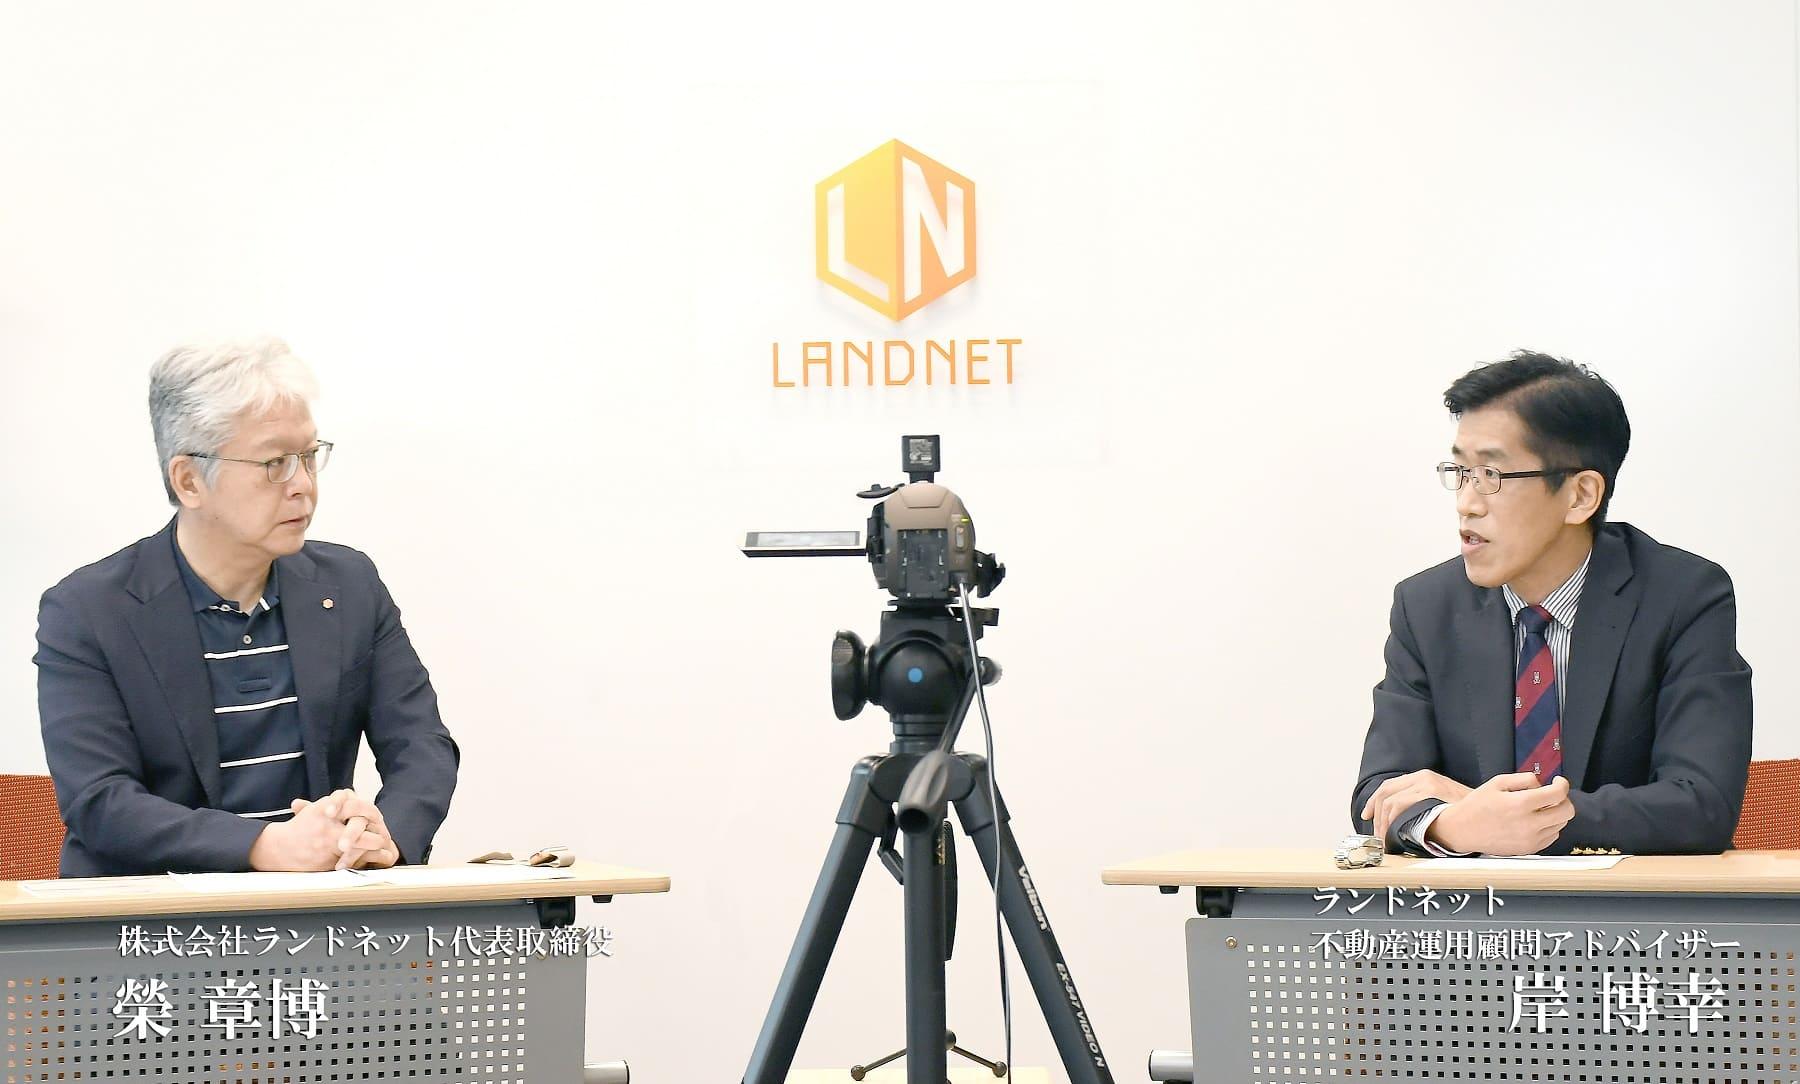 左:株式会社ランドネット代表取締役「榮 章博」、右:ランドネット・不動産運用顧問アドバイザー「岸 博幸」